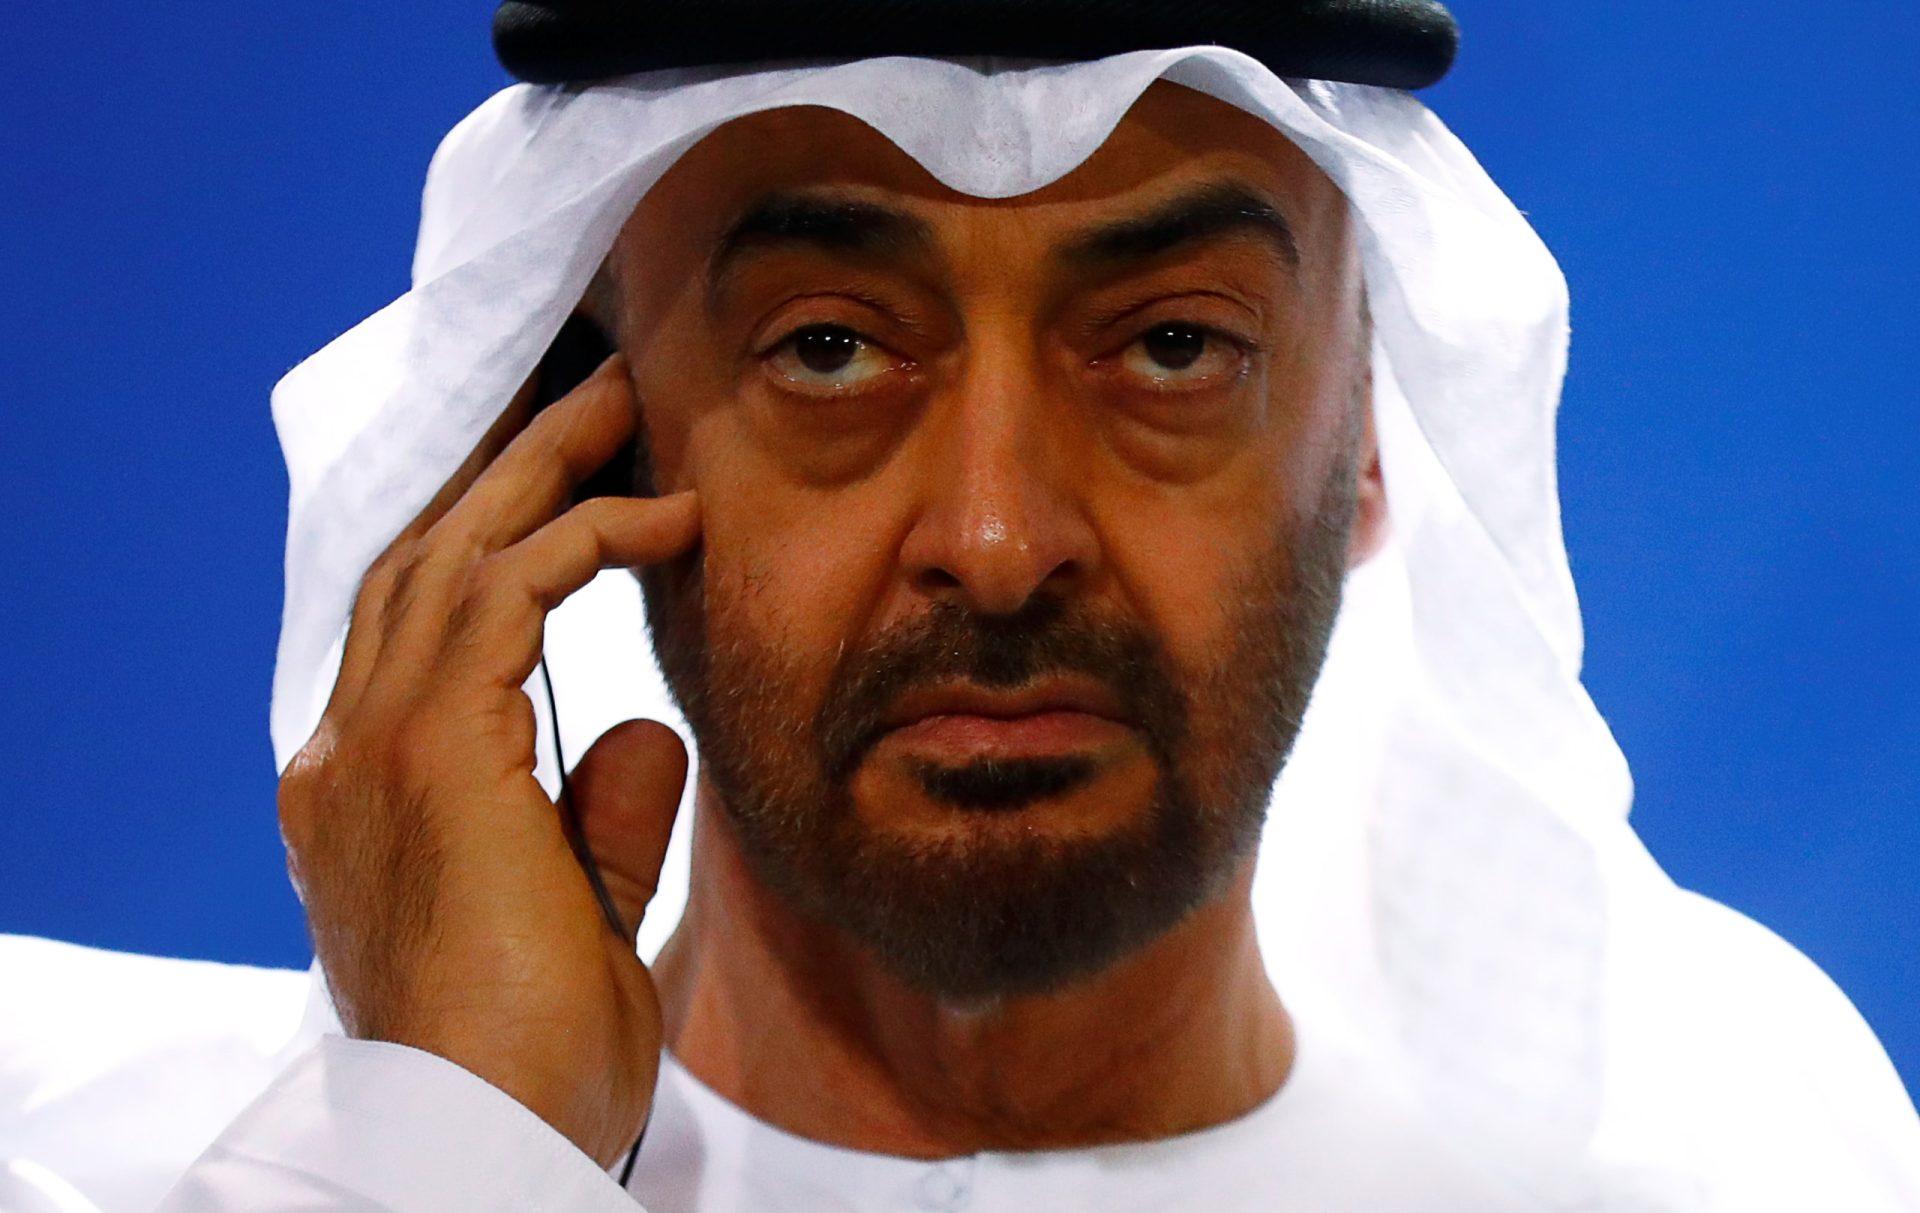 محمد بن زايد يوافق على مساعدة إسرائيل في قصف غزة